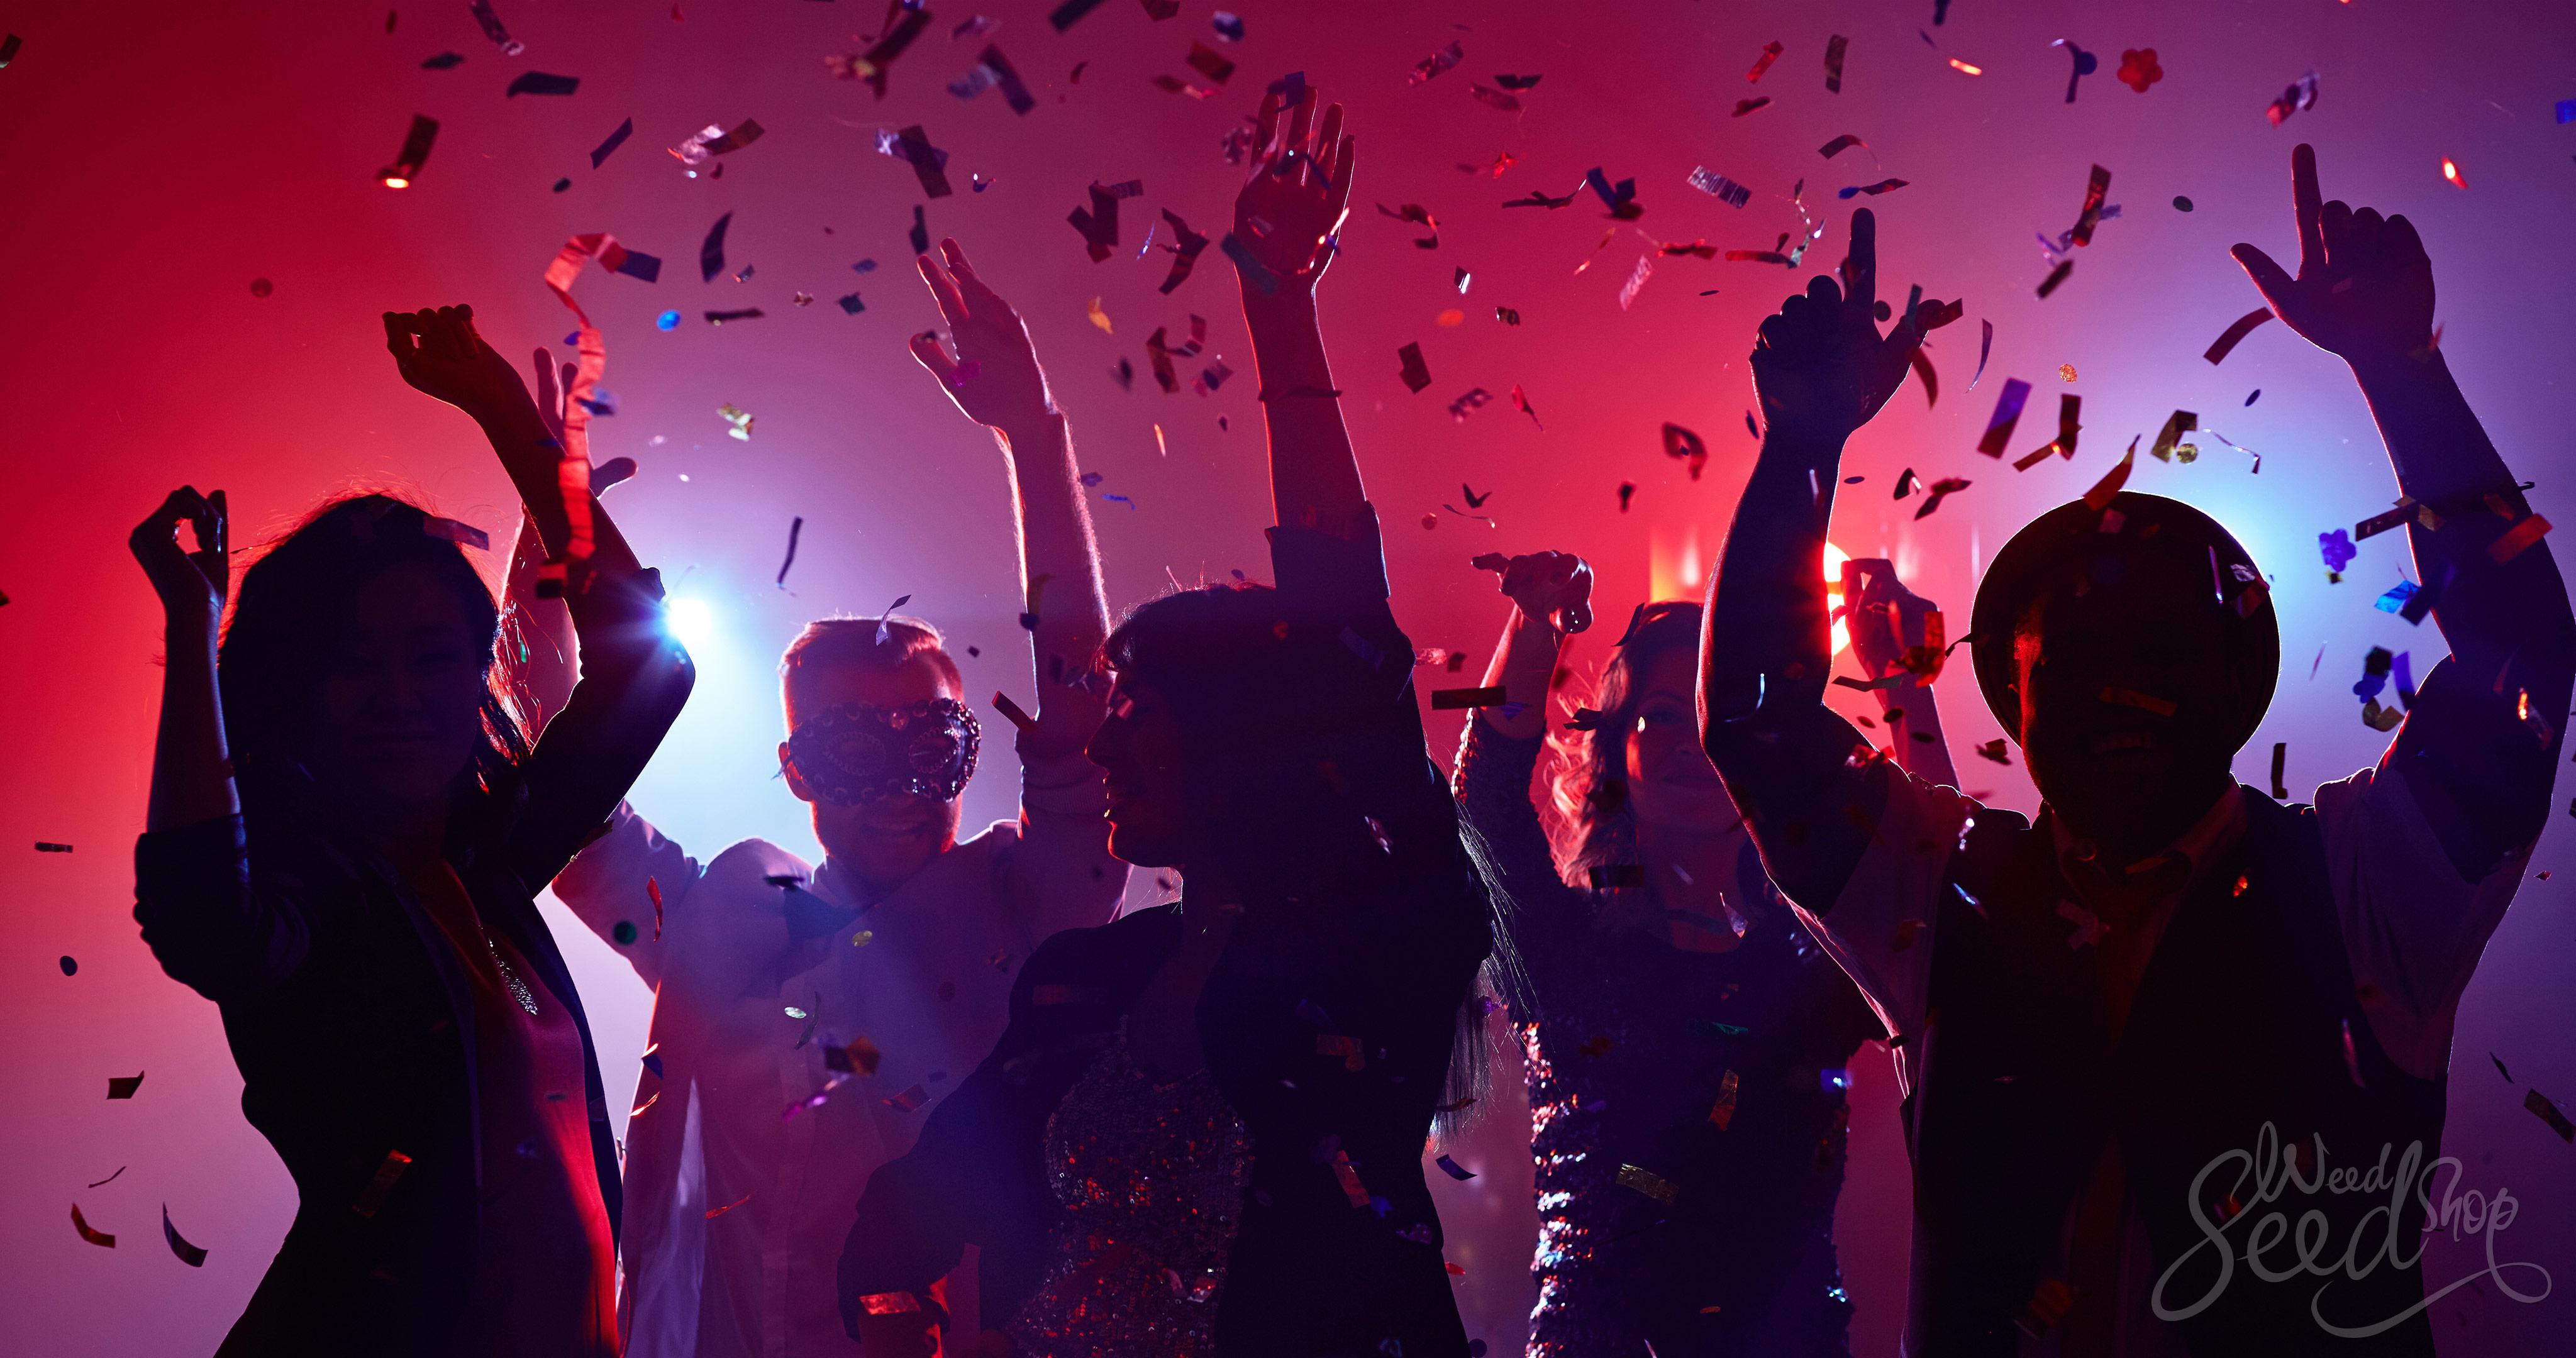 Las 10 mejores cepas para fiestas y socializar- WeedSeedShop